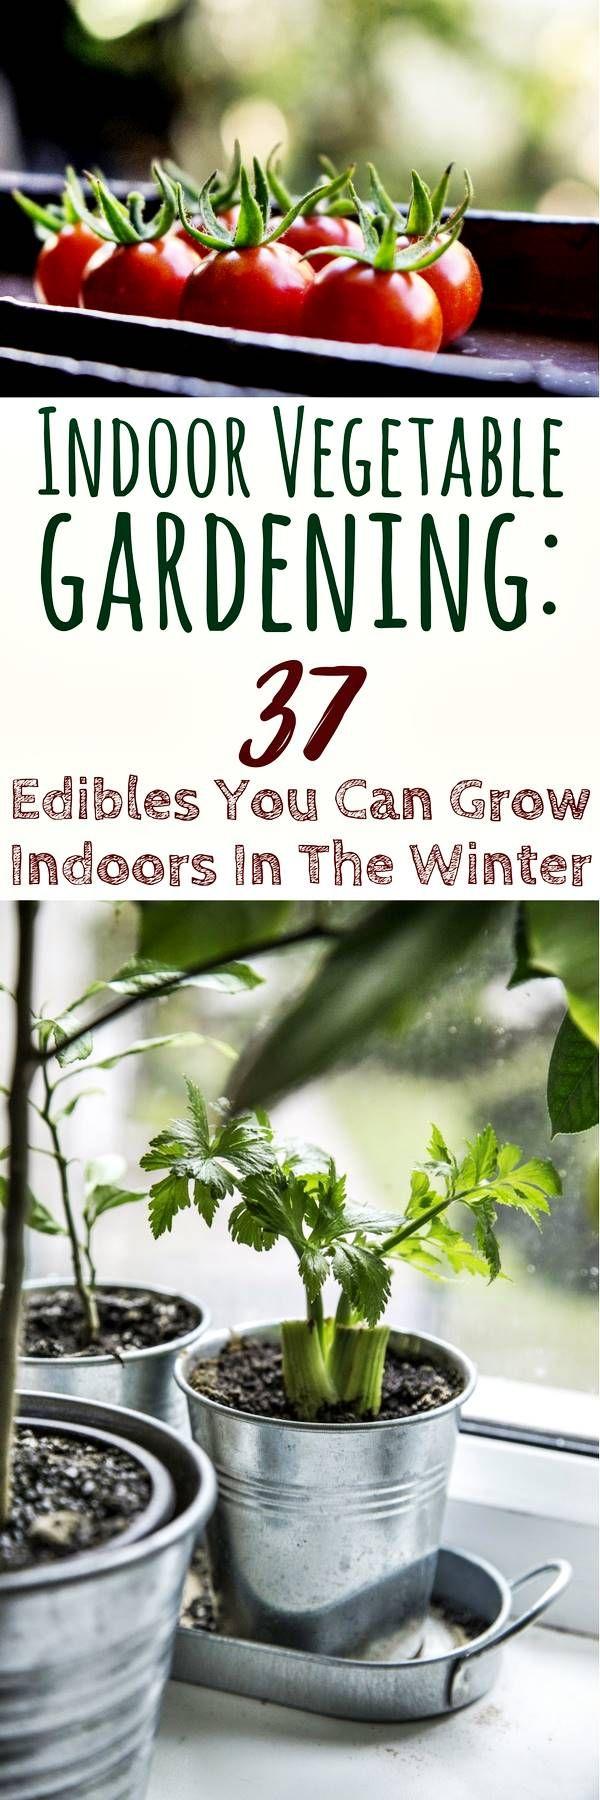 Indoor Vegetable Gardening 37 Edibles You Can Grow 400 x 300